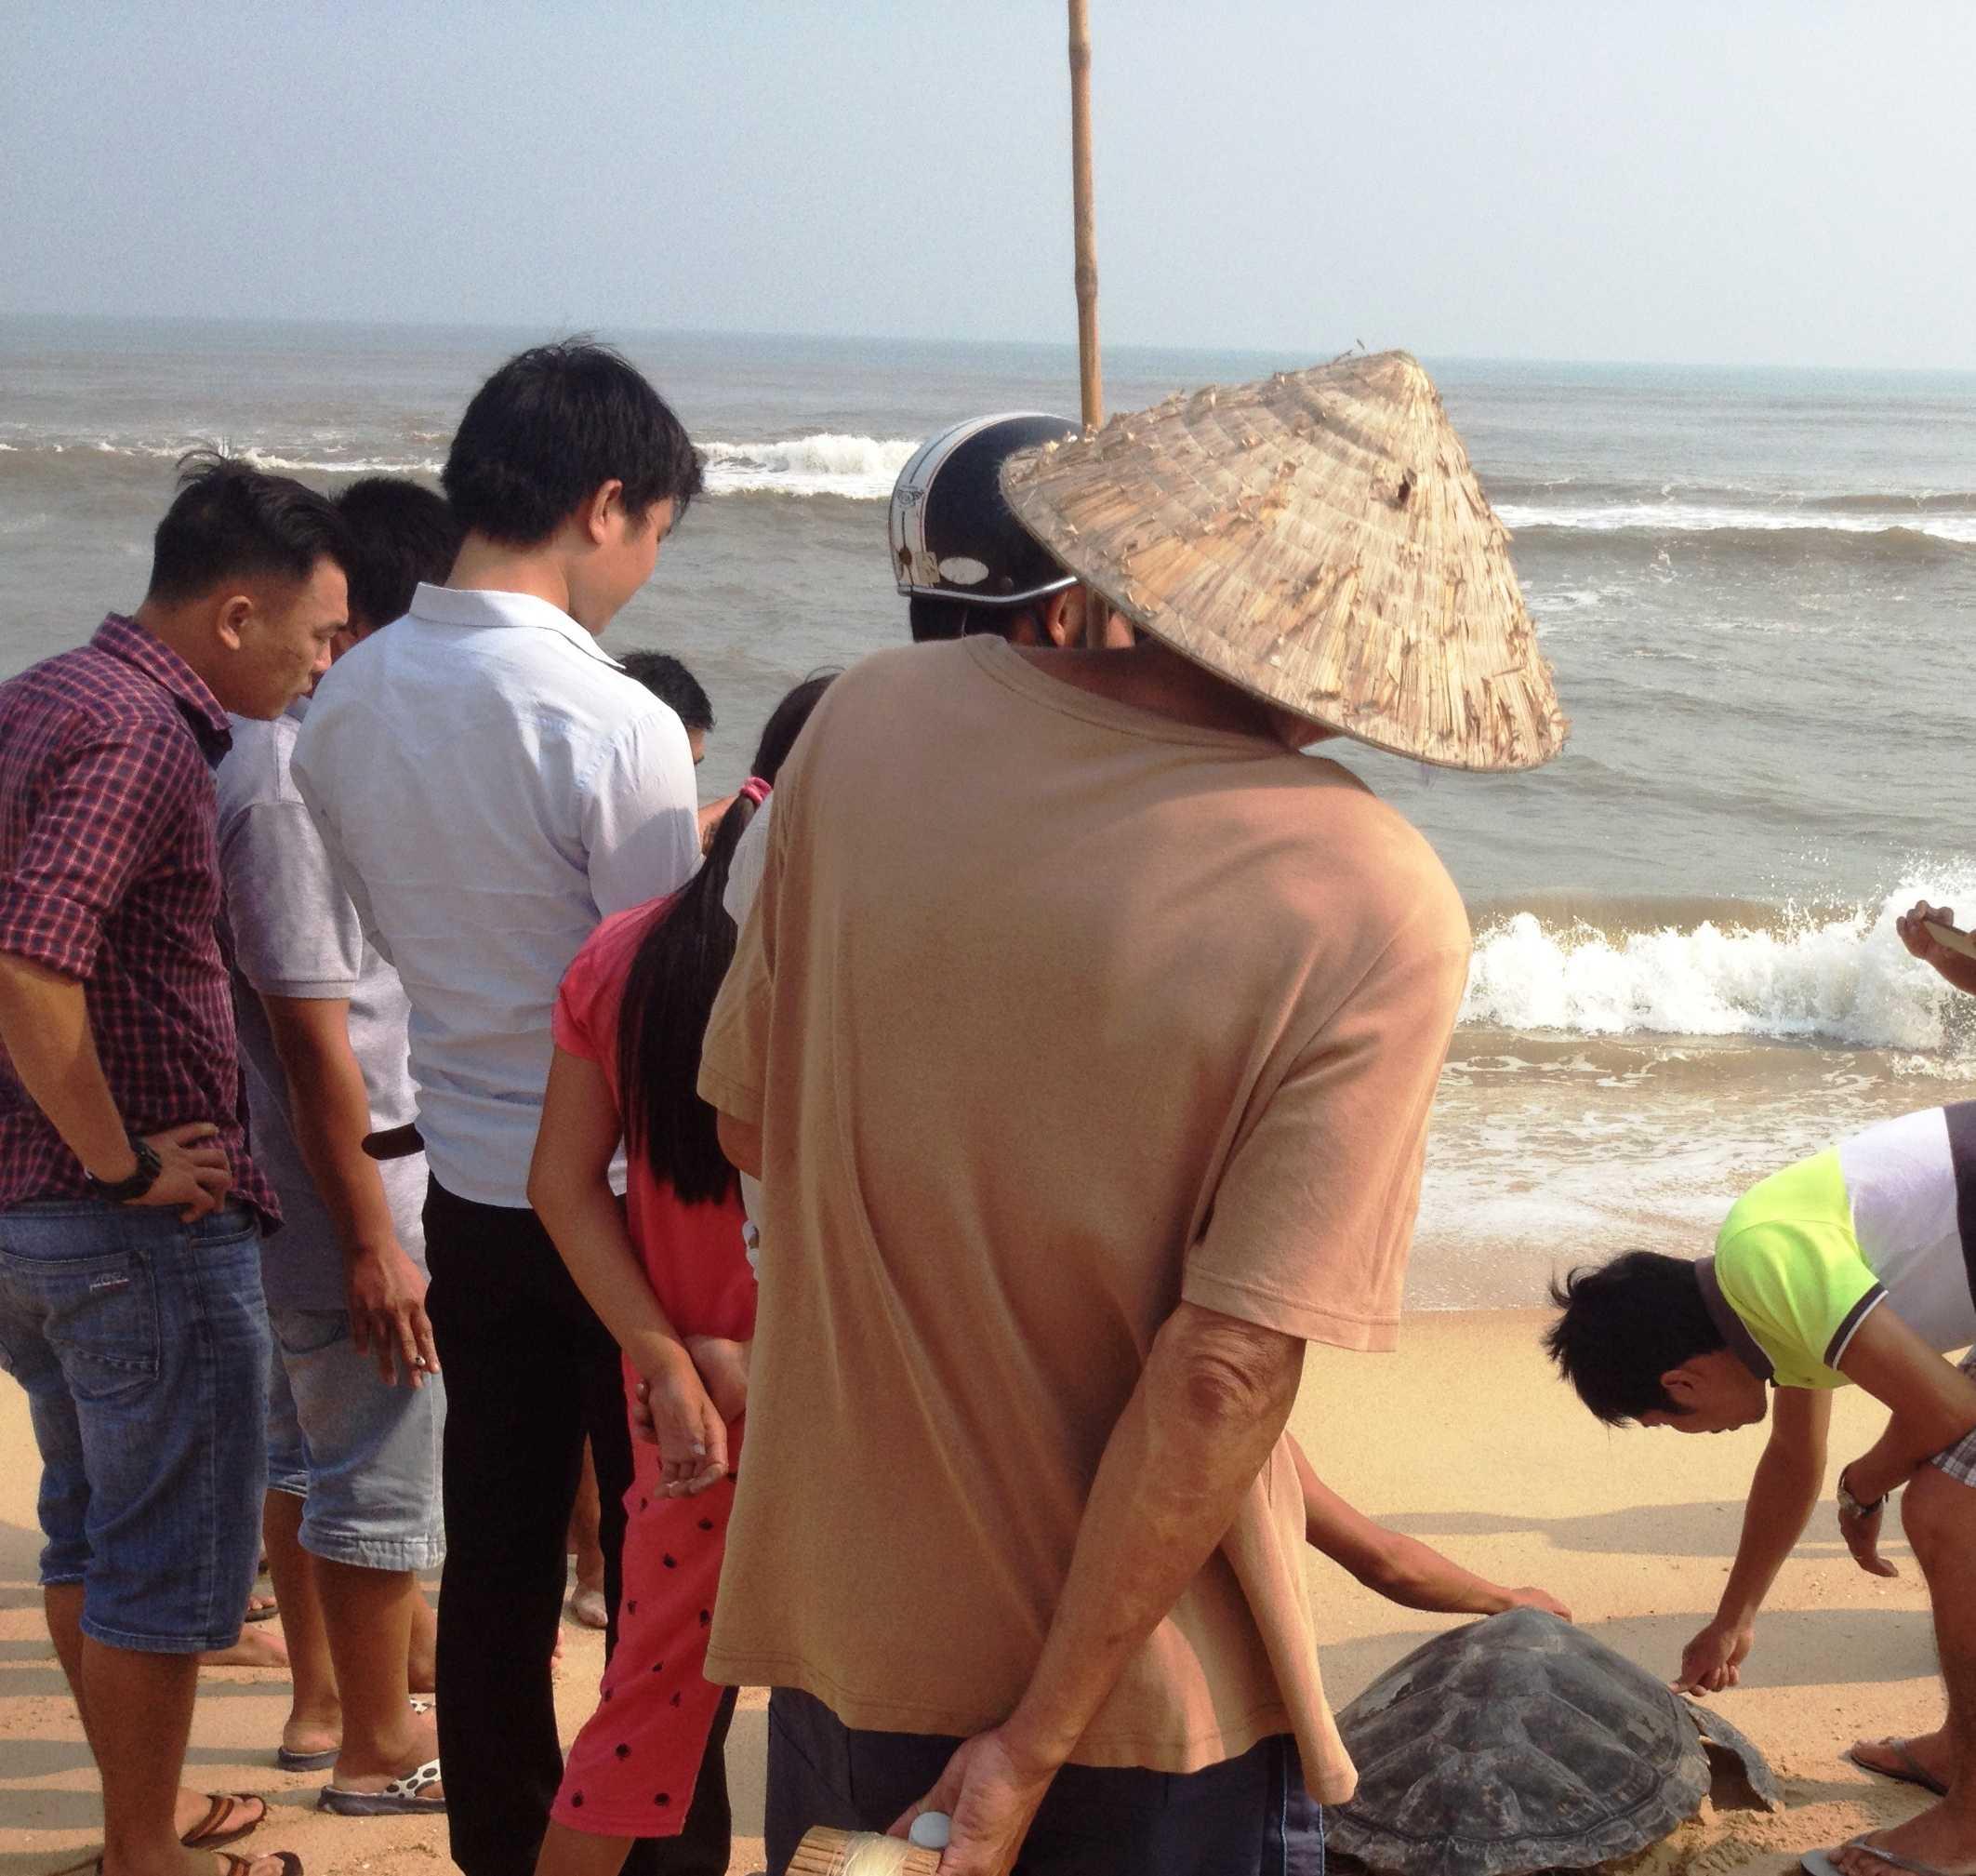 Cá thể rùa biển quý hiếm được chính quyền, nhân dân thả vể biển (Ảnh: Chi cục khai thác và bảo vệ nguồn lợi thủy sản Thừa Thiên - Huế)